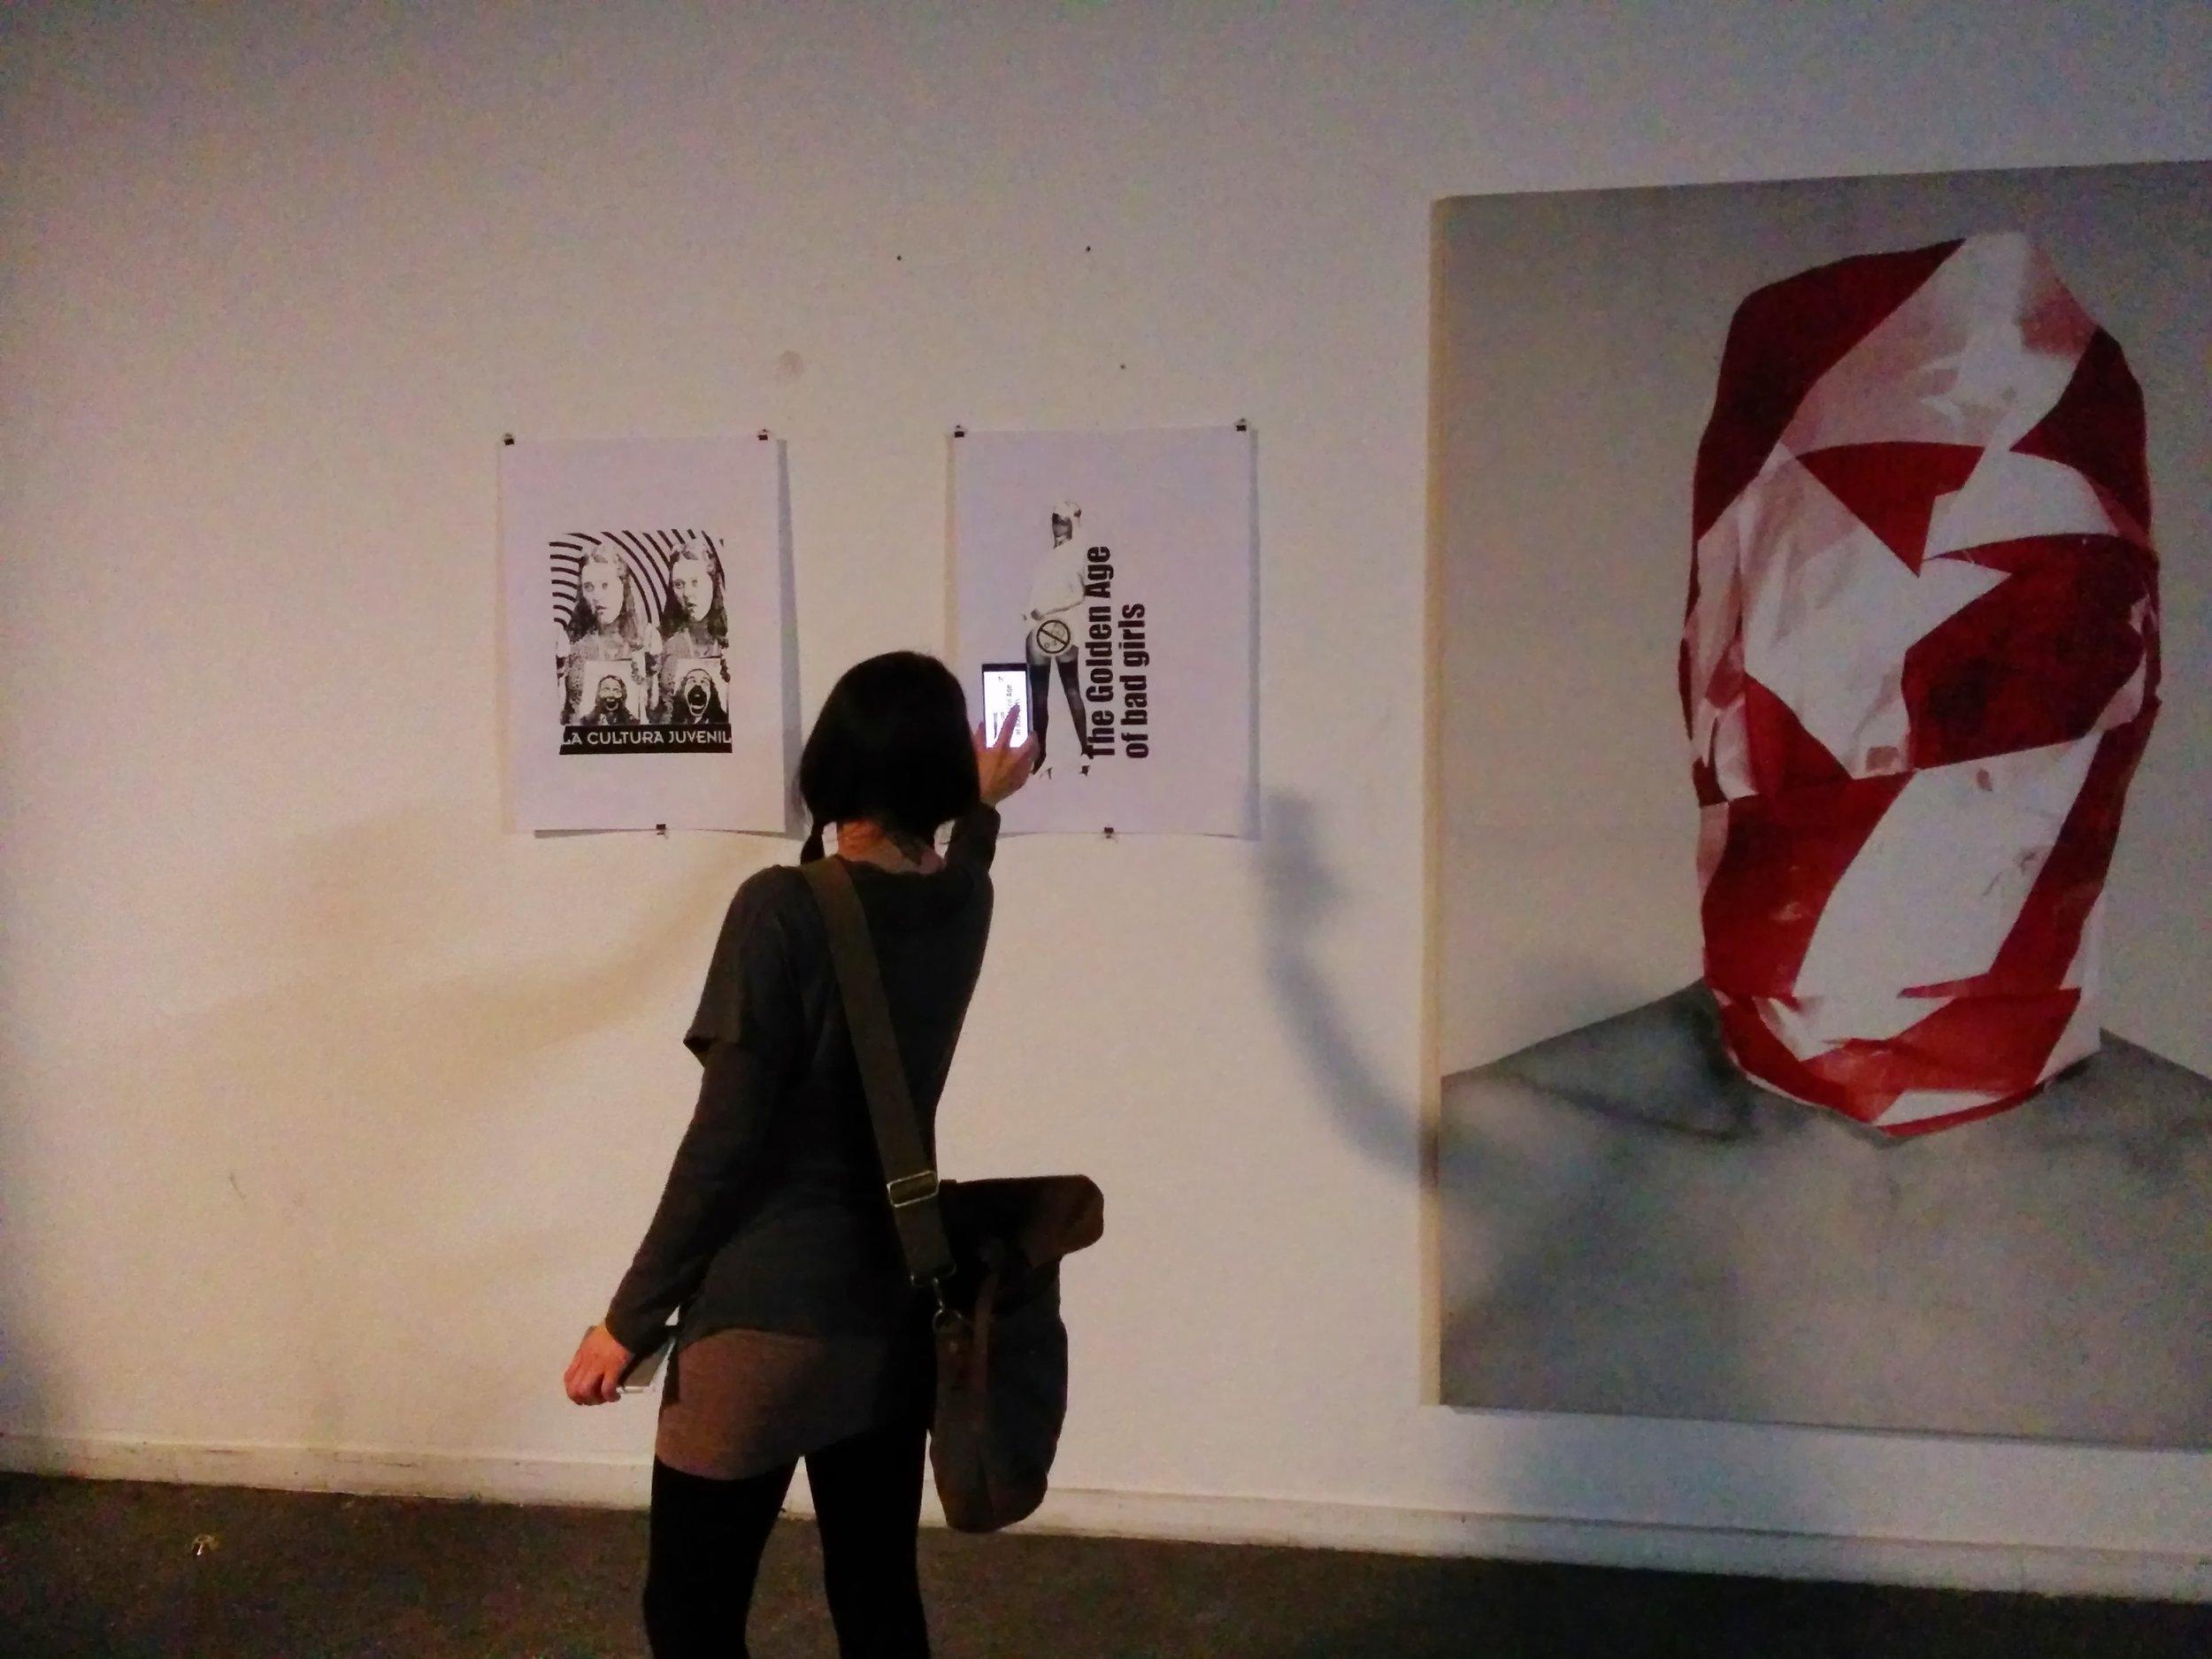 Druck Berlin Screenprint Festival    ·Open Walls Contemporary Fine Arts ·Berlín–Germany